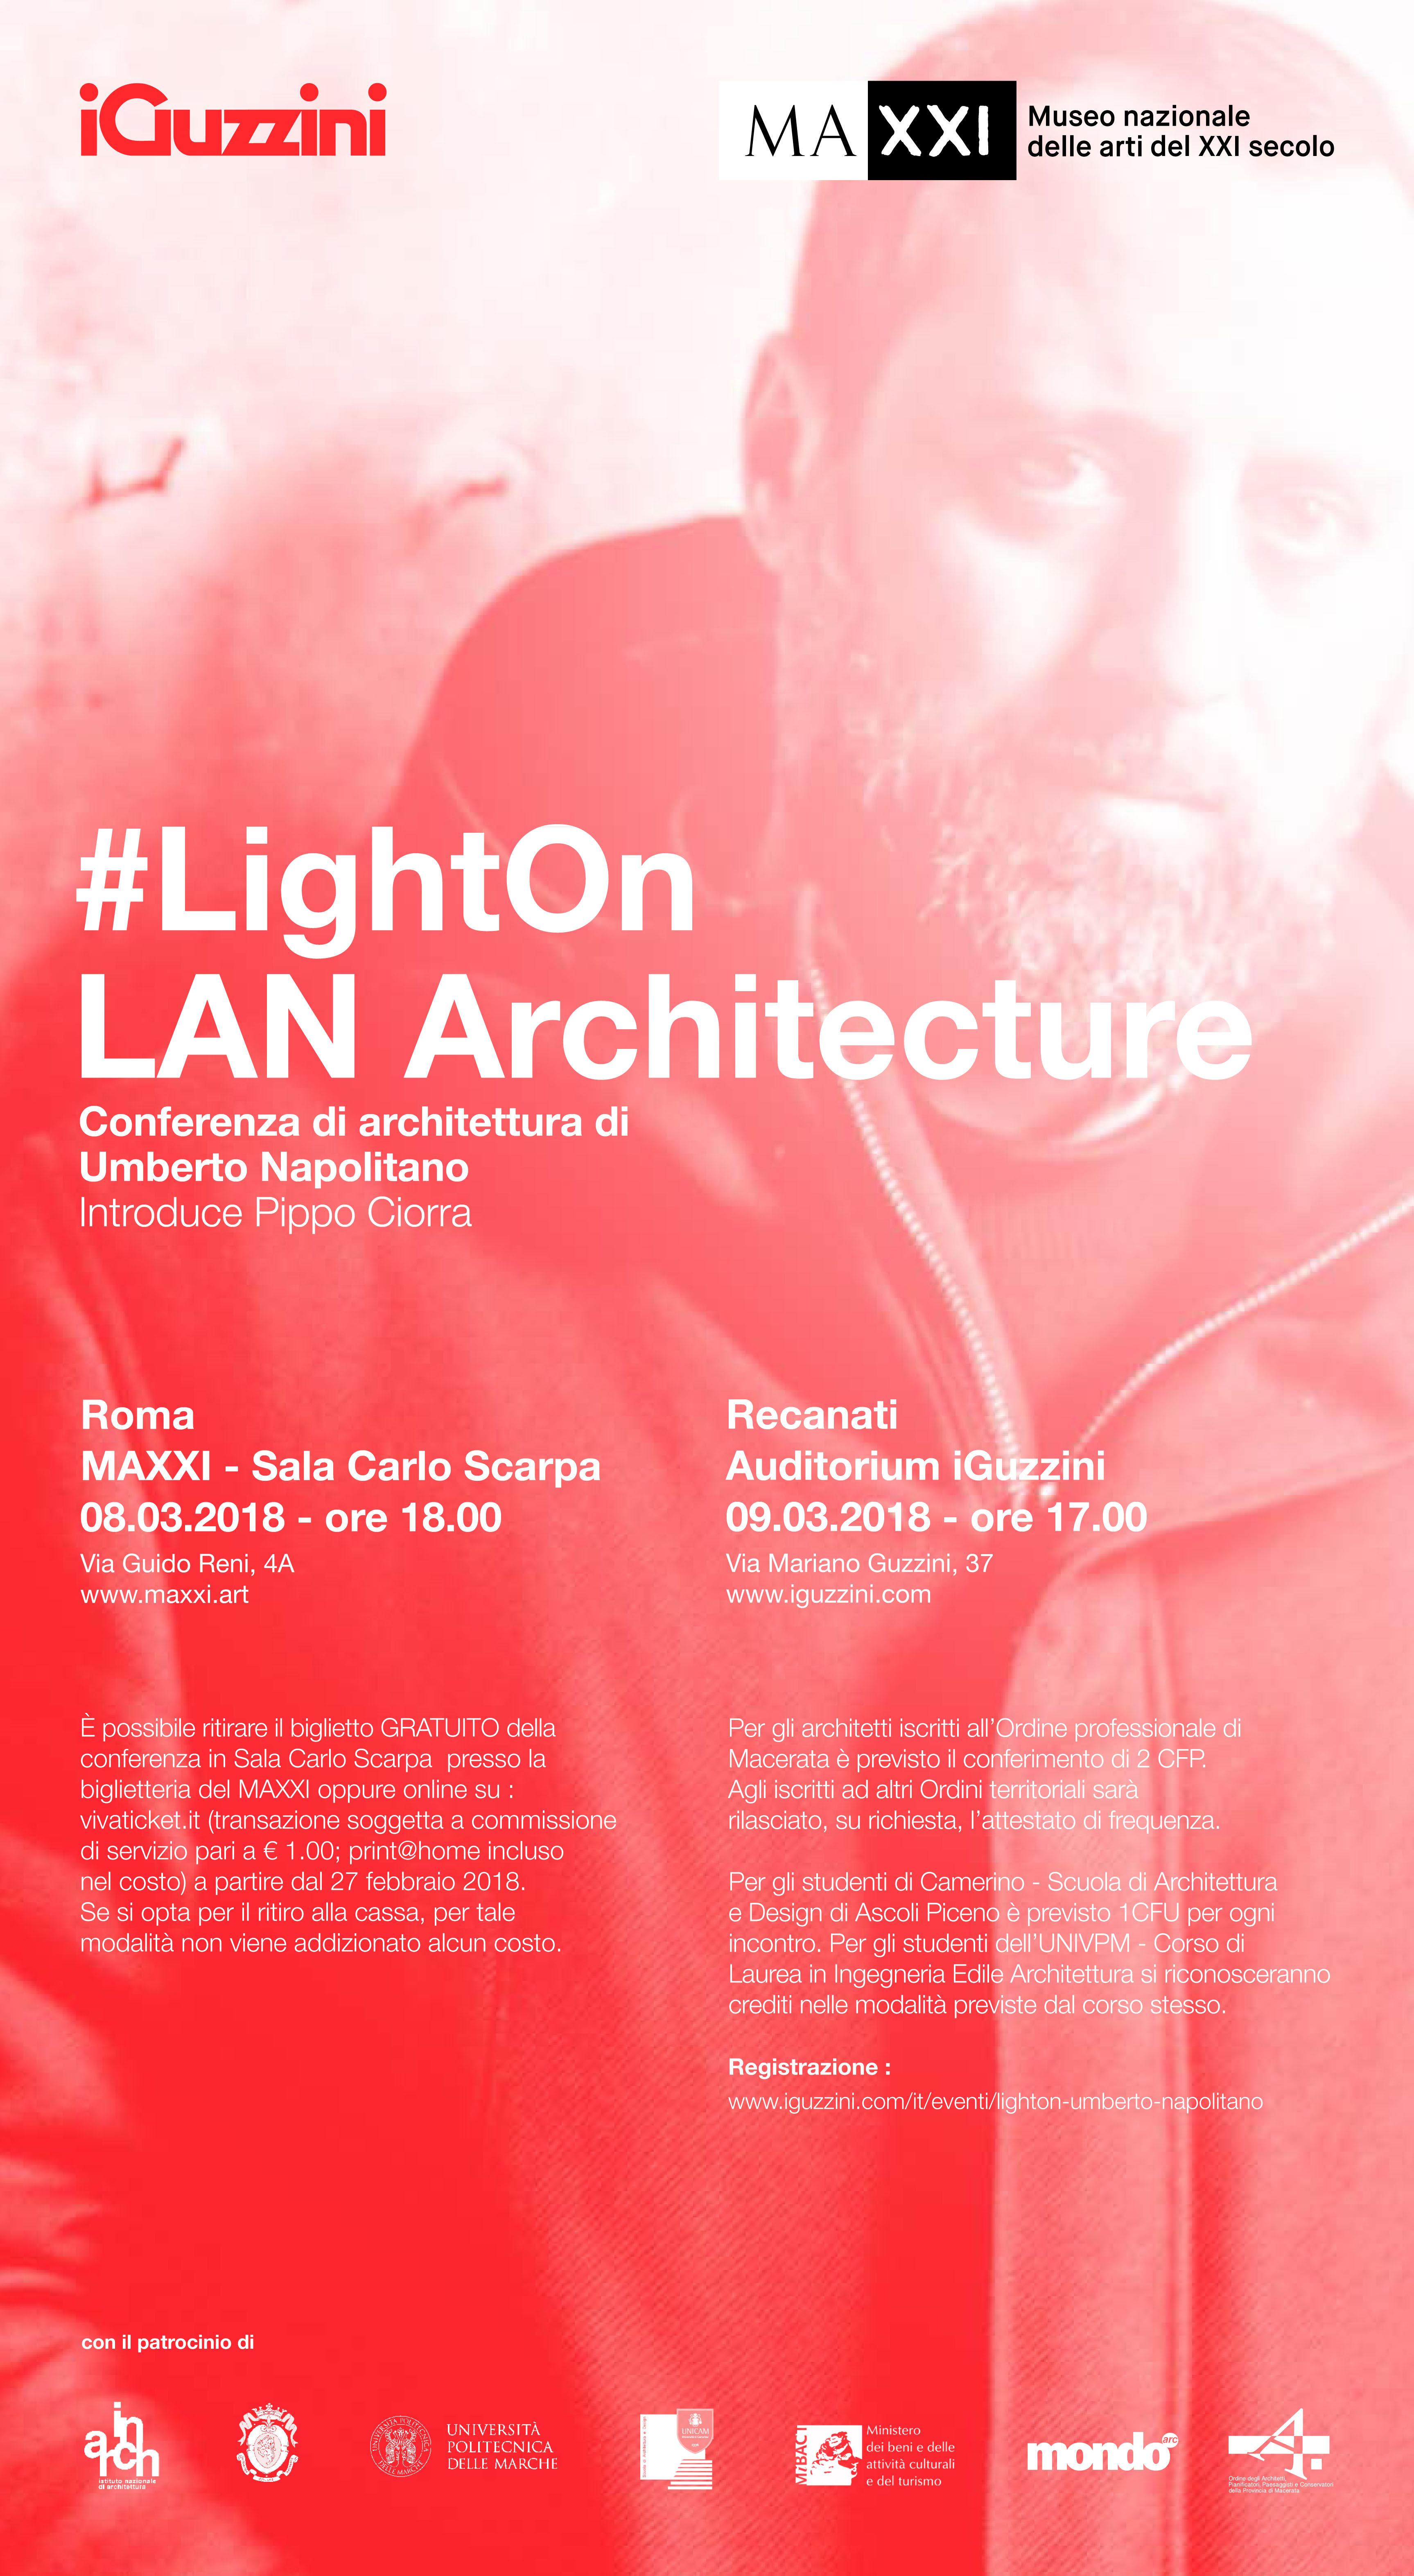 #LightOn LAN